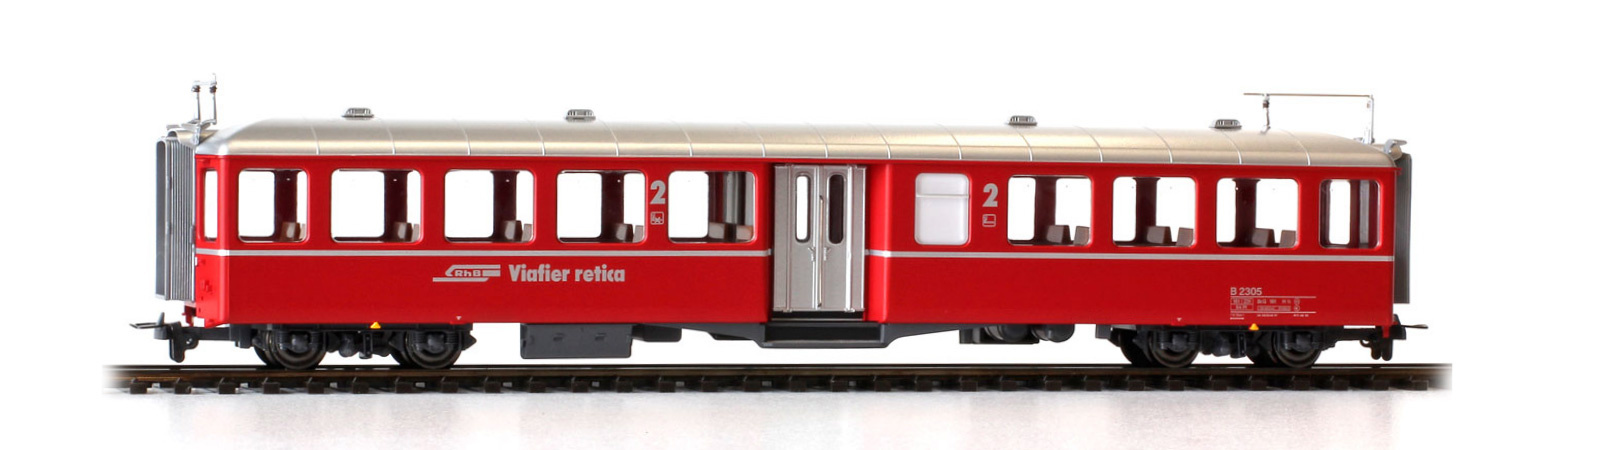 3245125 RhB B 2305 Mitteleinstiegswagen-1